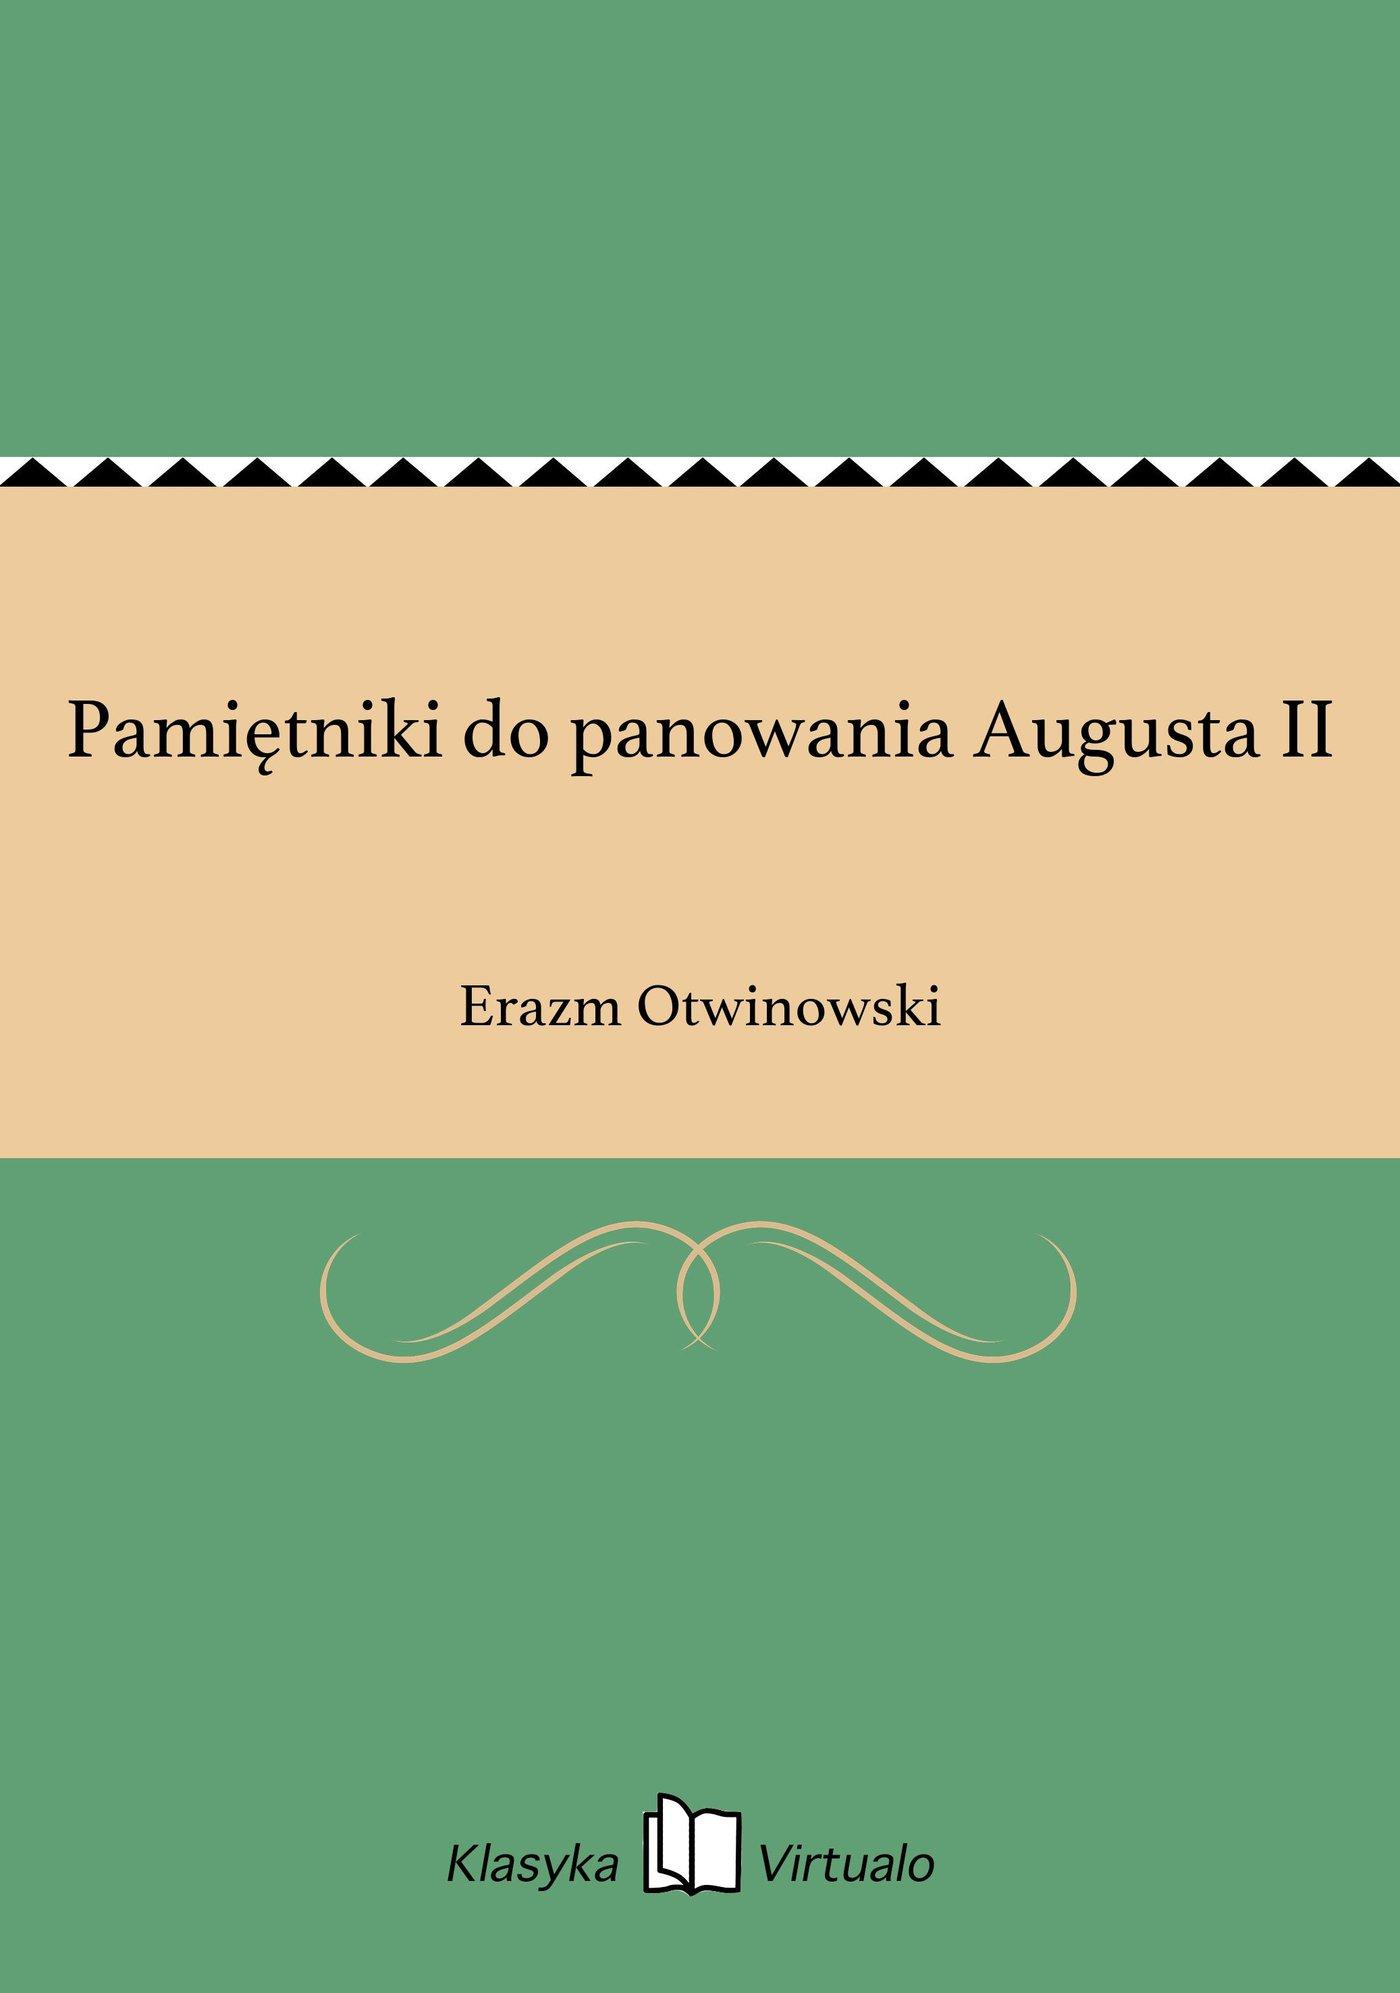 Pamiętniki do panowania Augusta II - Ebook (Książka EPUB) do pobrania w formacie EPUB